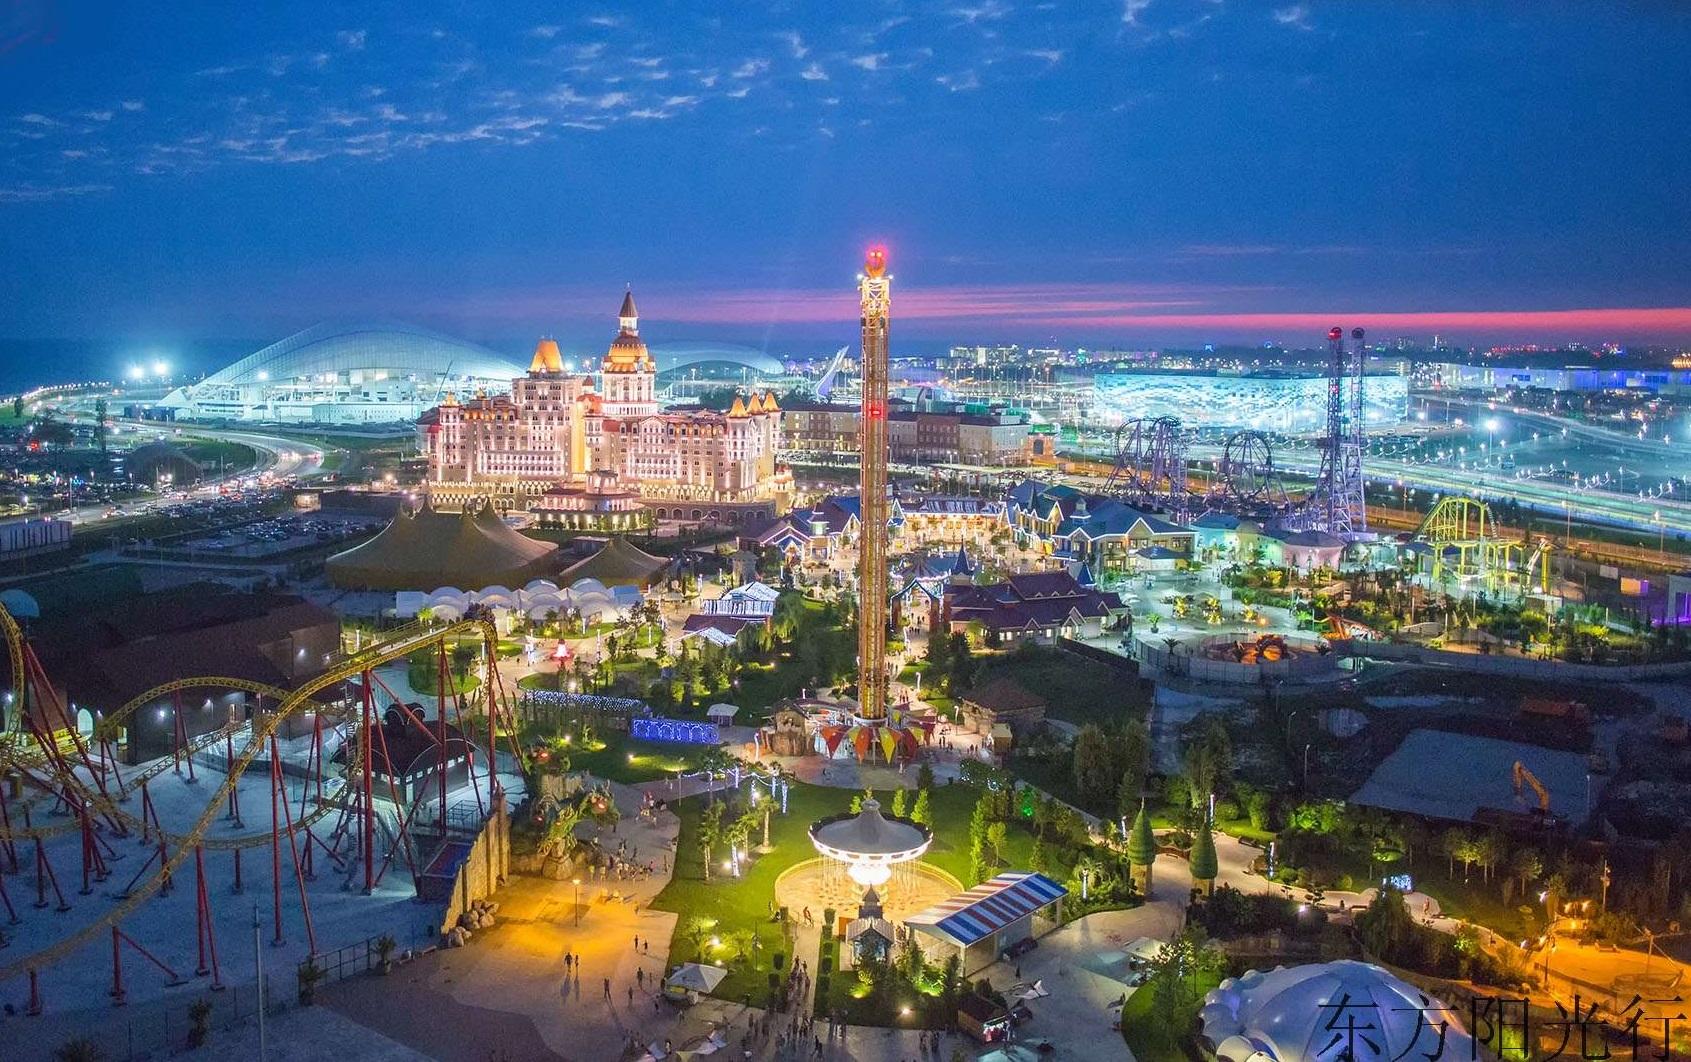 """索契:俄罗斯最狭长城市,背山面海气候温暖,被誉为""""黑海明珠"""""""